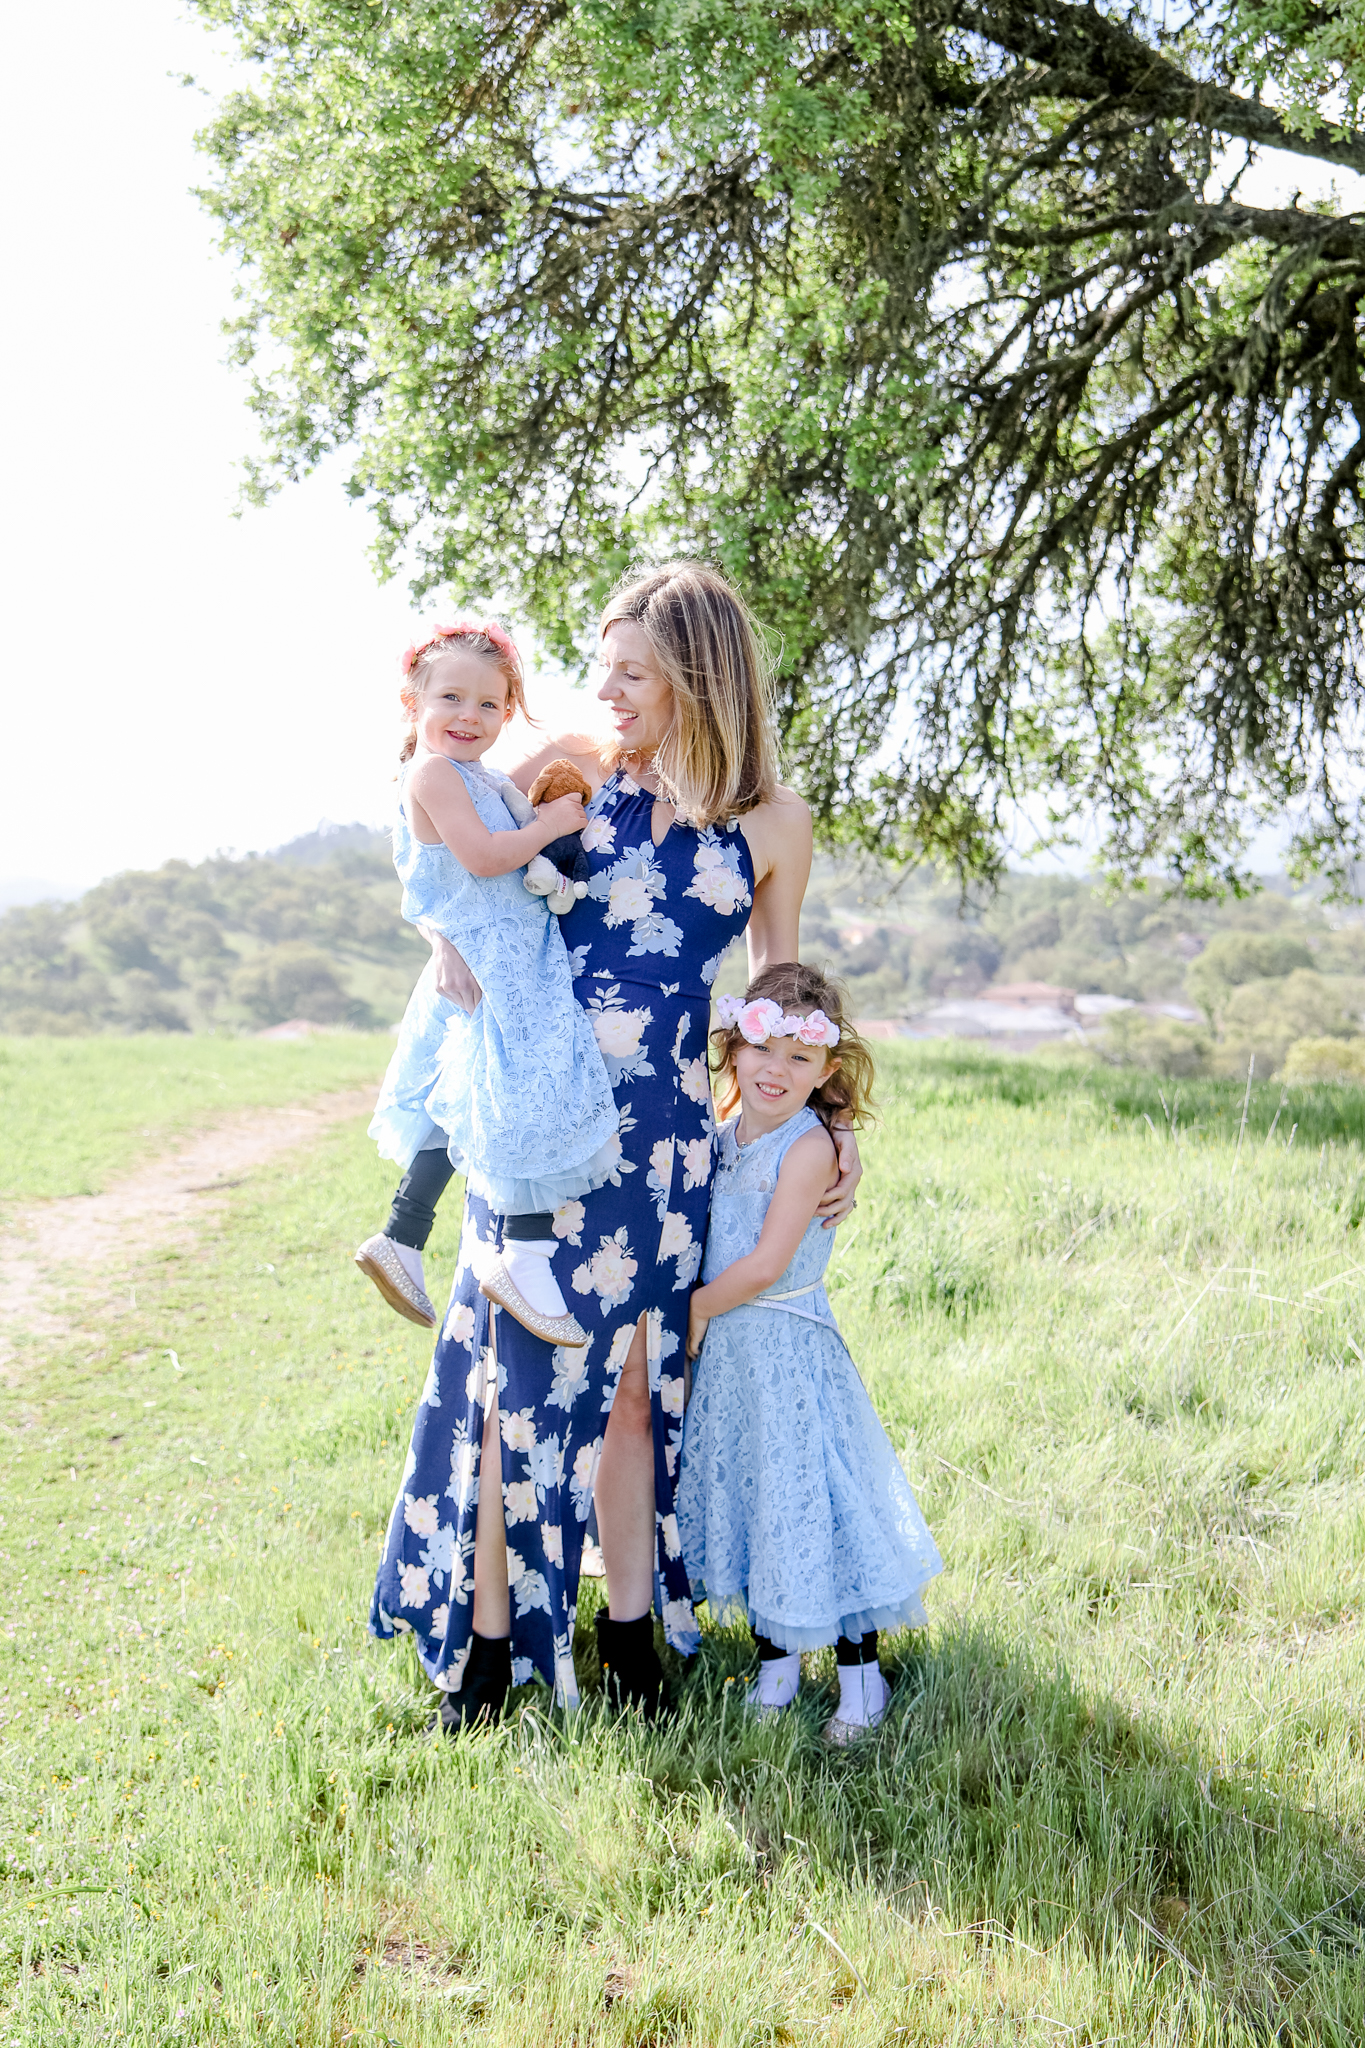 Atascadero, CA family photographer